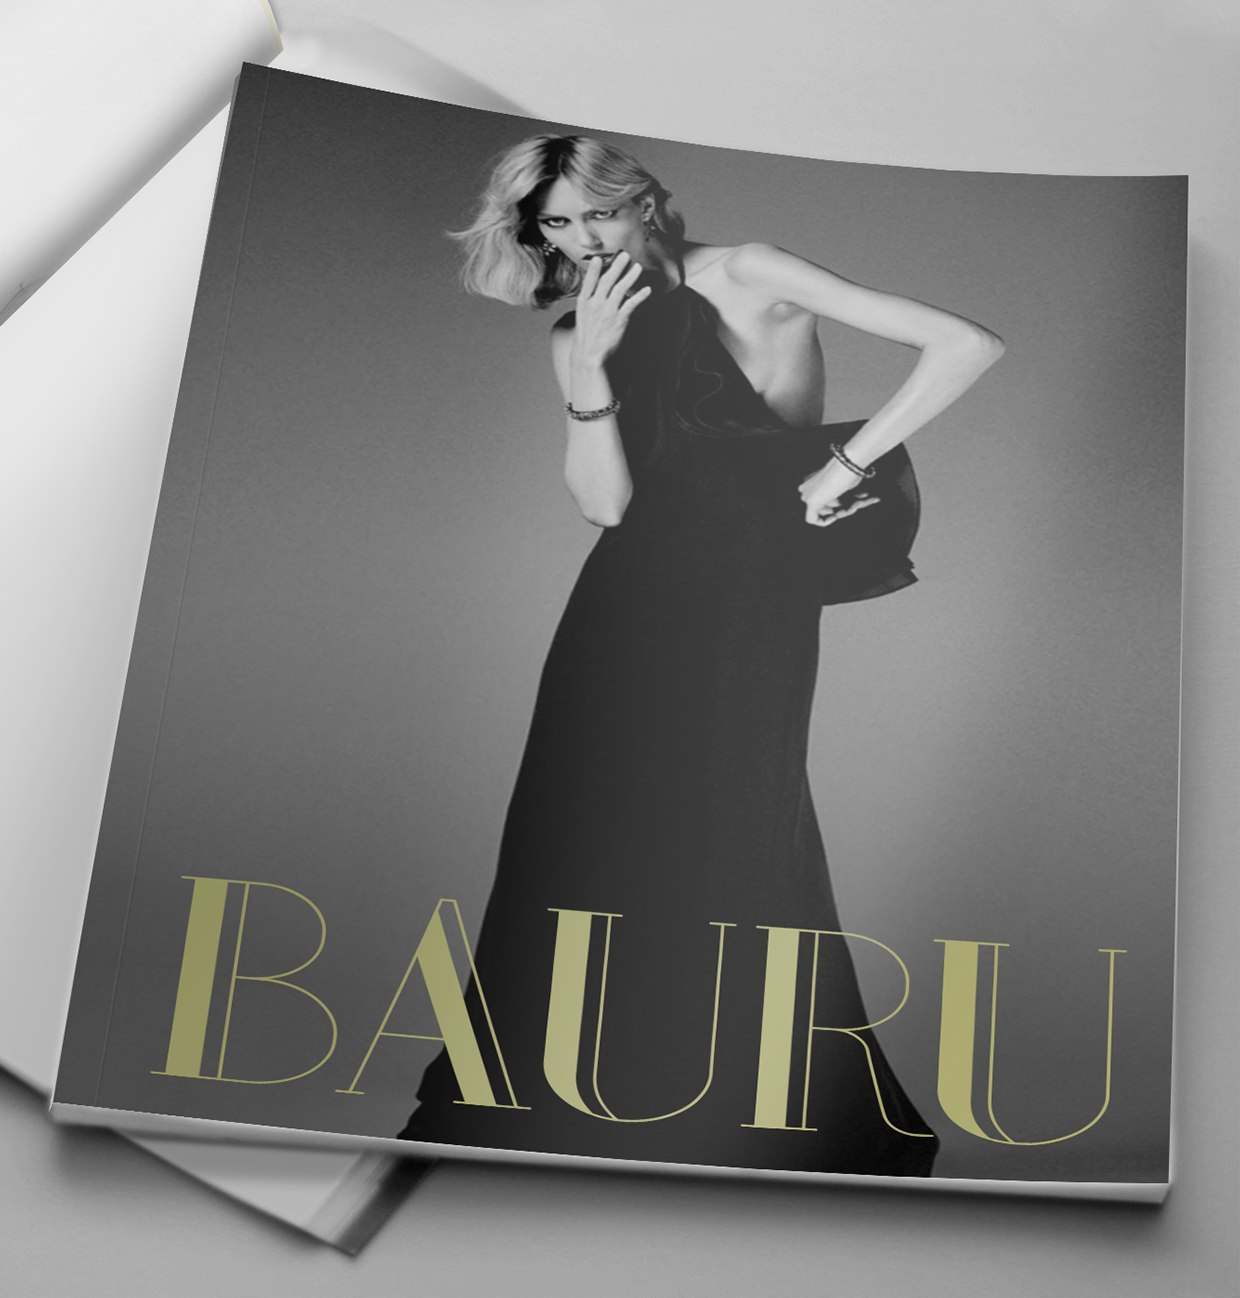 Font Bauru